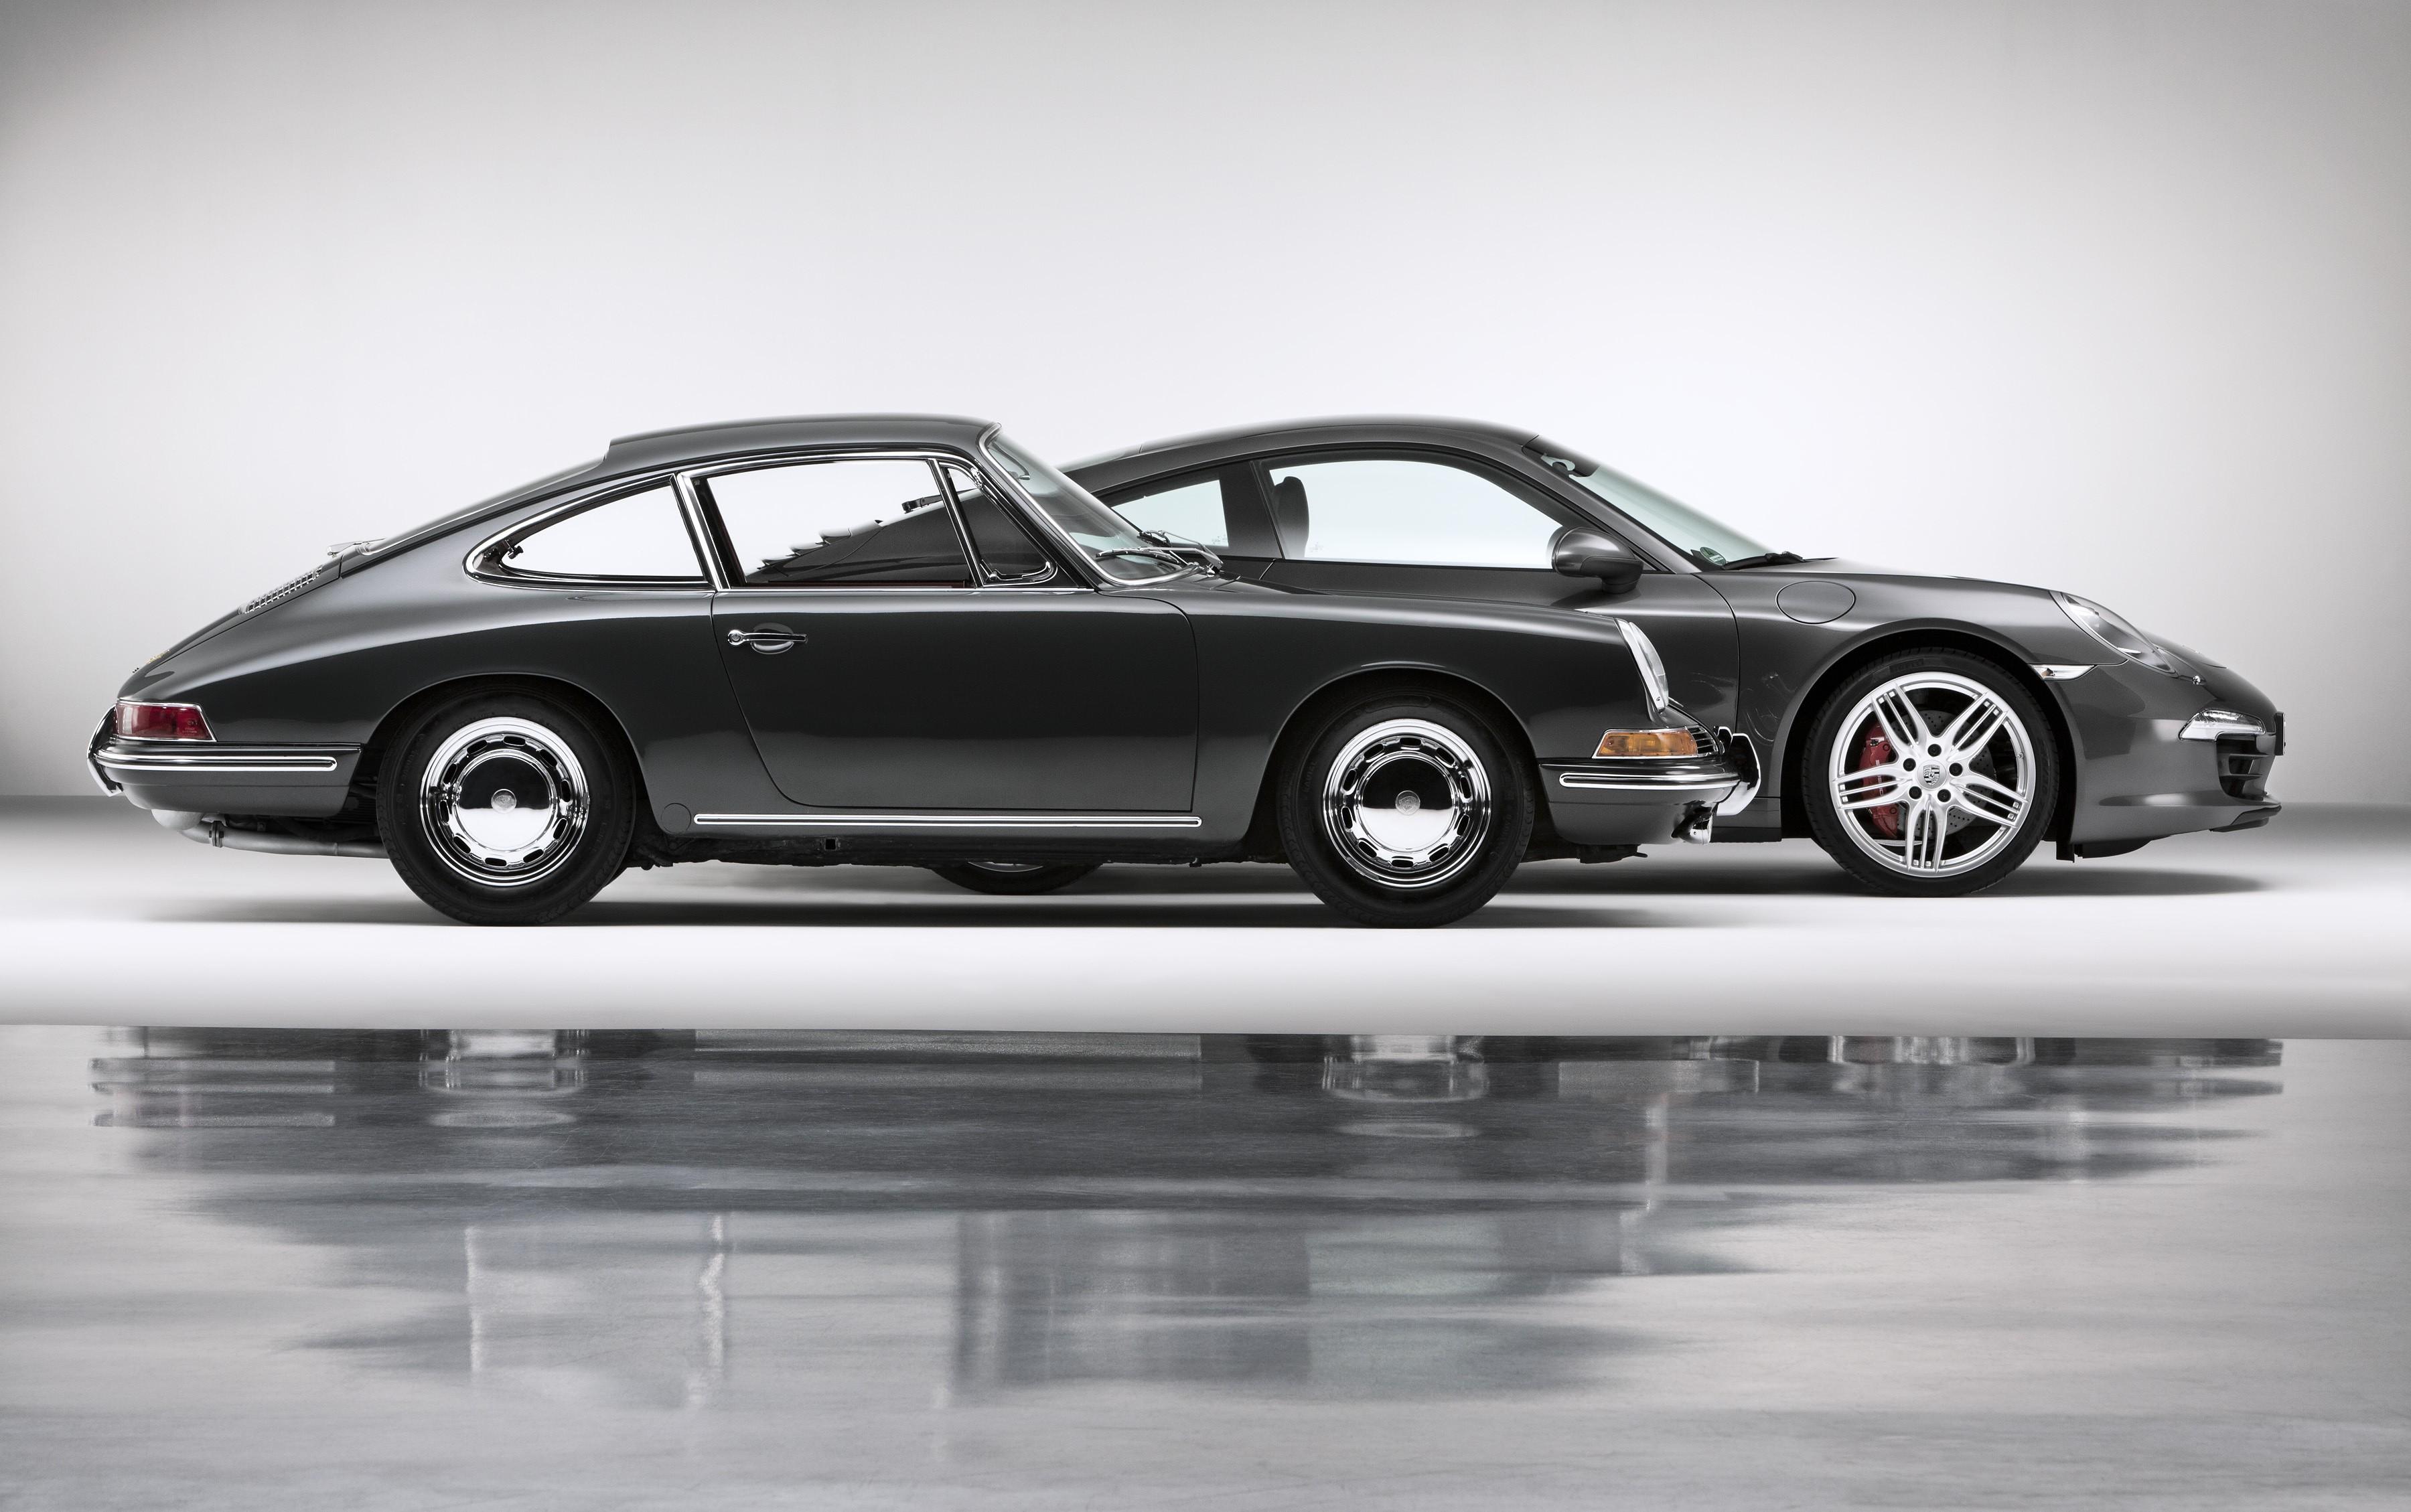 Wallpaper Porsche 911 Gt3 Gt2 Sports Car Luxury Cars